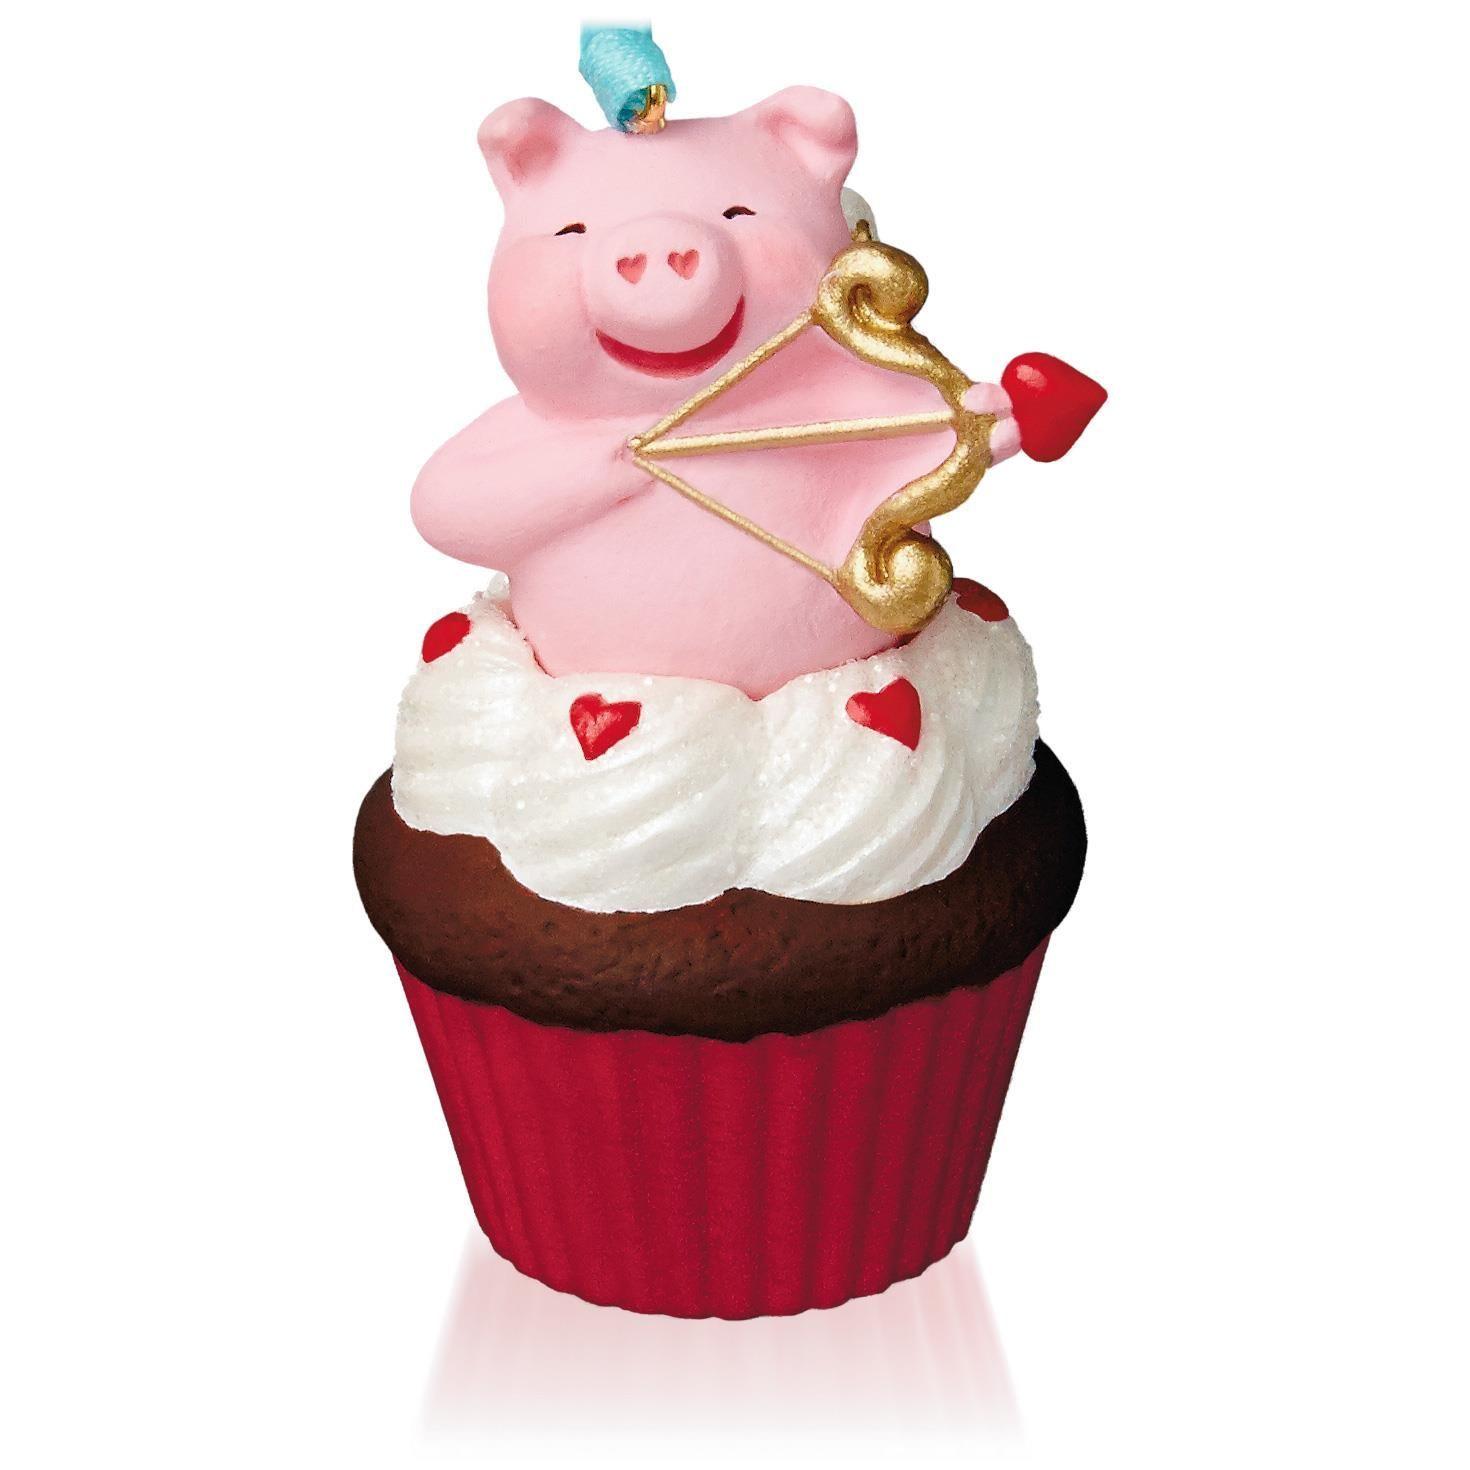 Ornament Review: Little Cupiggy - Keepsake Cupcakes #7 ...